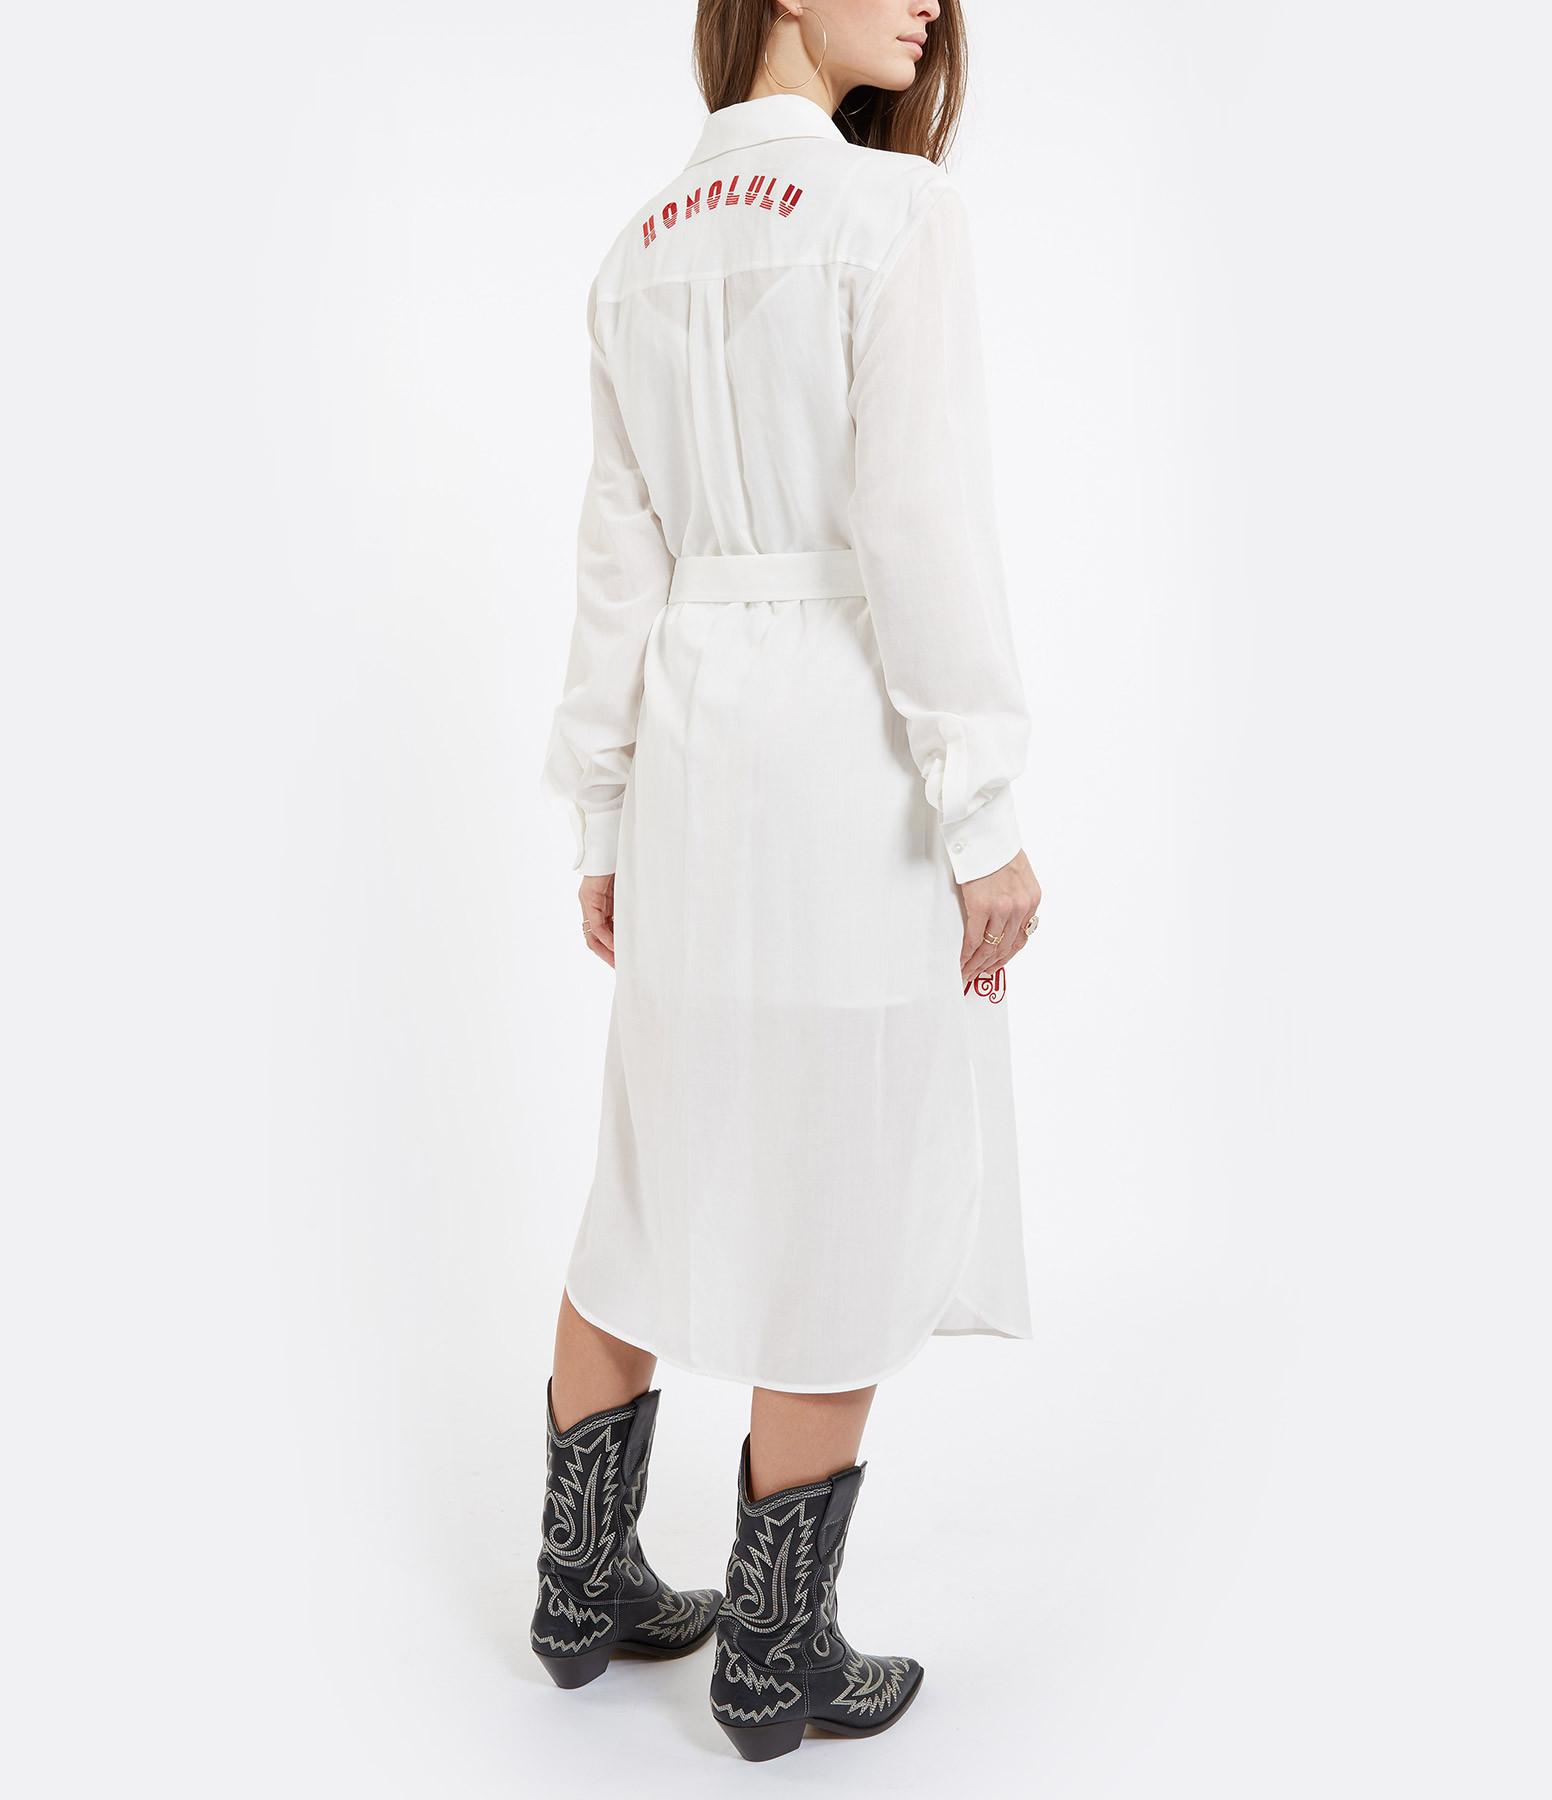 VICTORIA VICTORIA BECKHAM - Robe Chemise Broderie Blanc